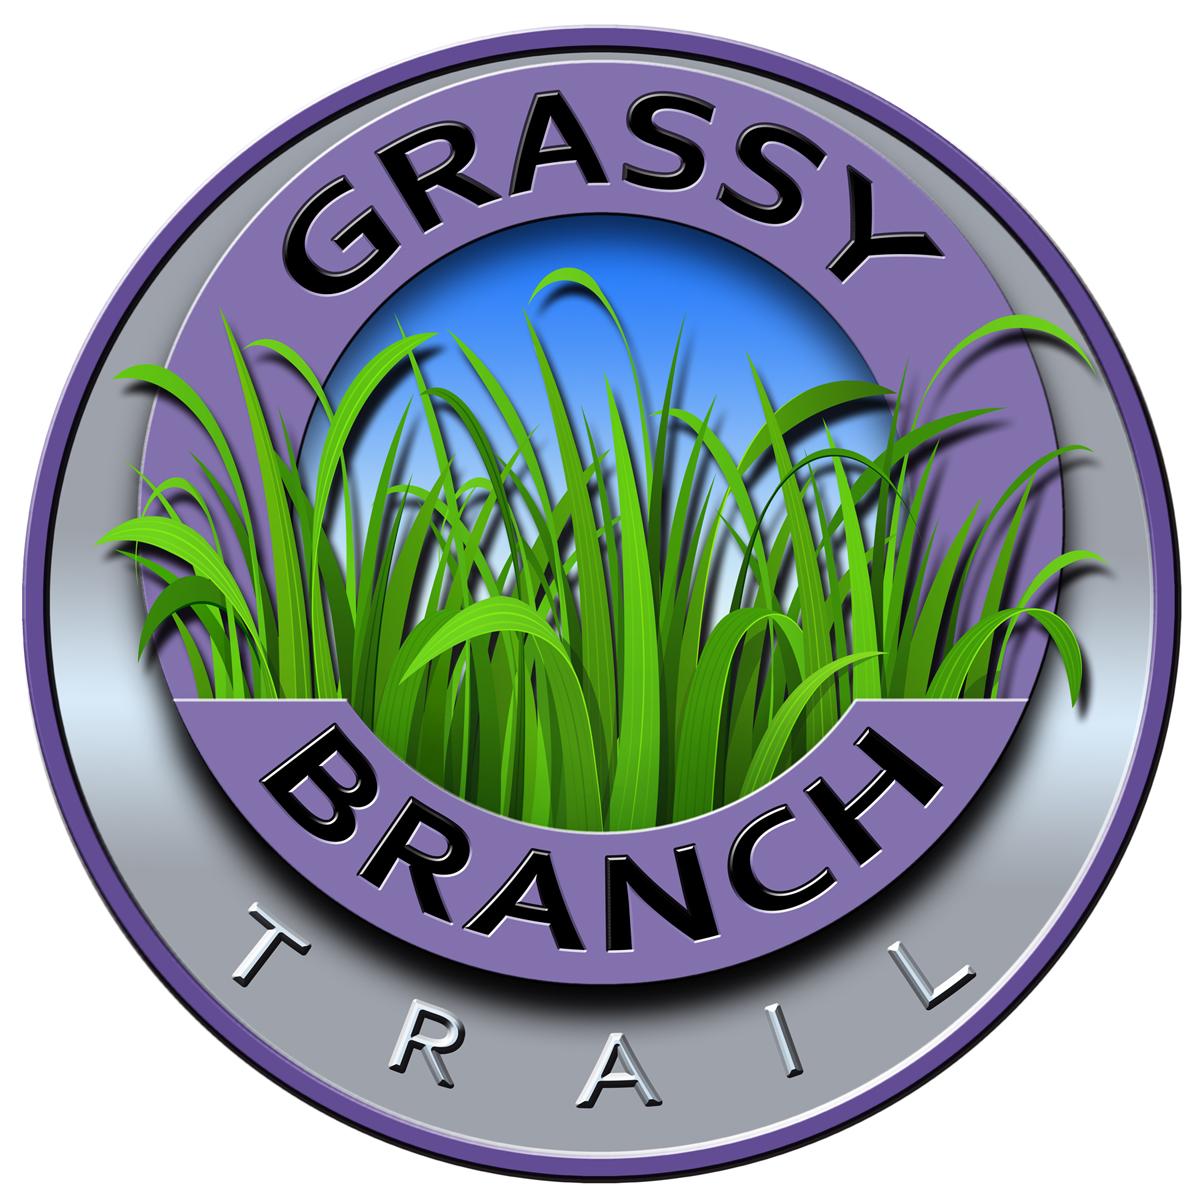 Grassy Branch